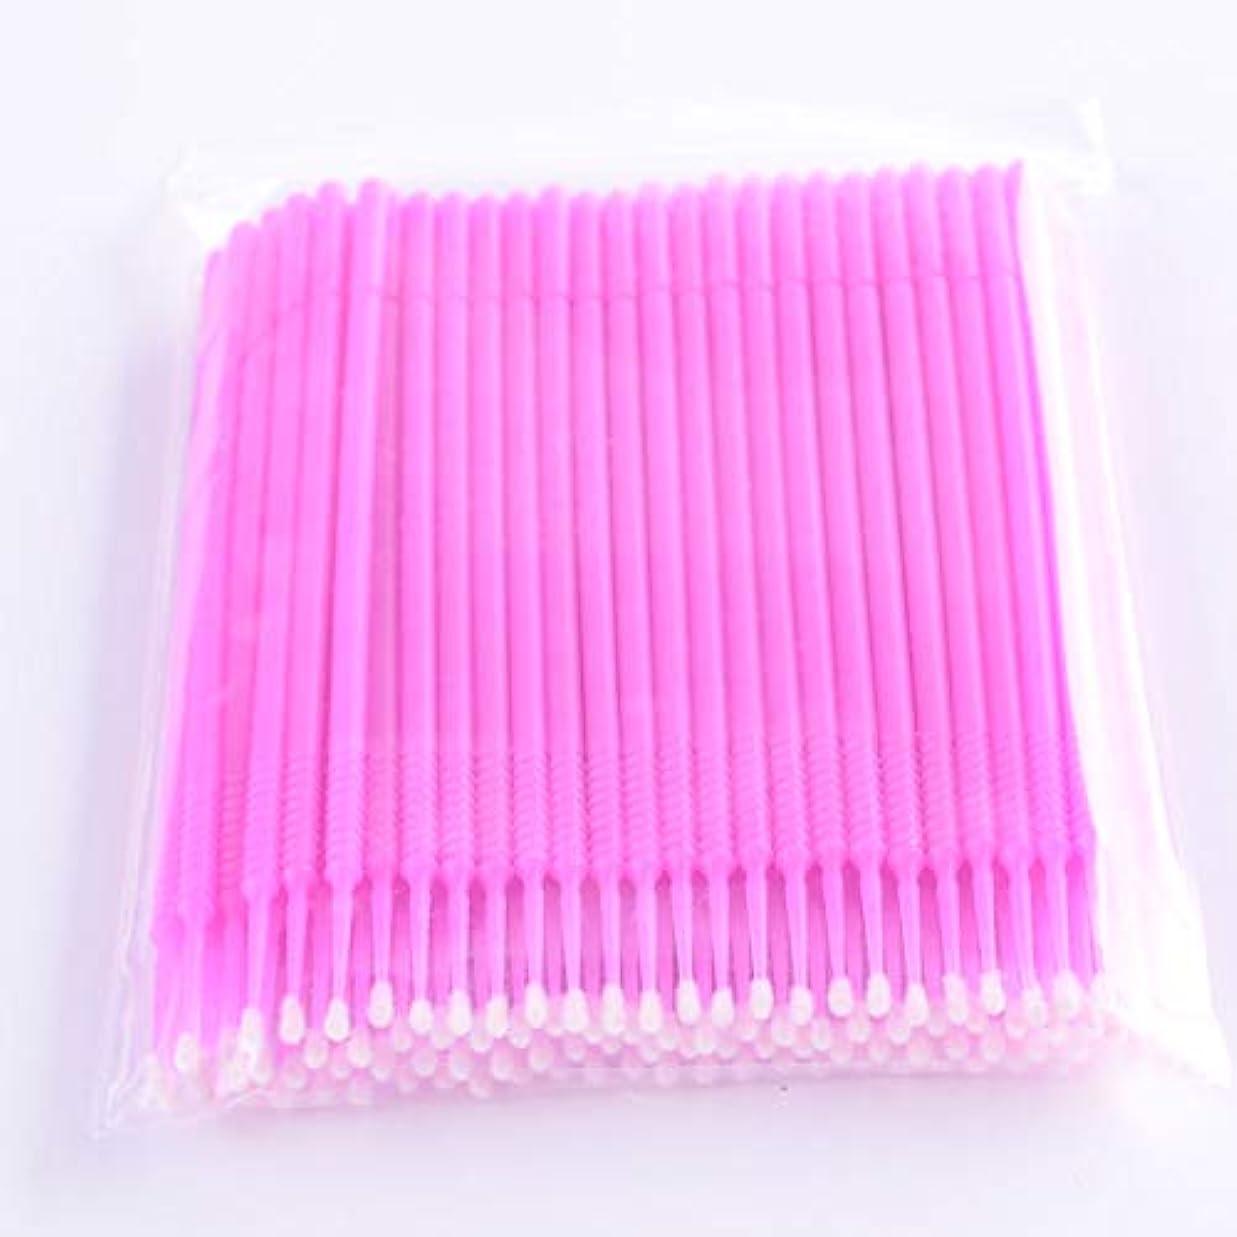 弱点幅ブートPLATINA LASH マイクロスティック 100本入り マイクロブラシ 使い捨て極細綿棒アプリケーター まつげエクステ用 (Fine/Pink)